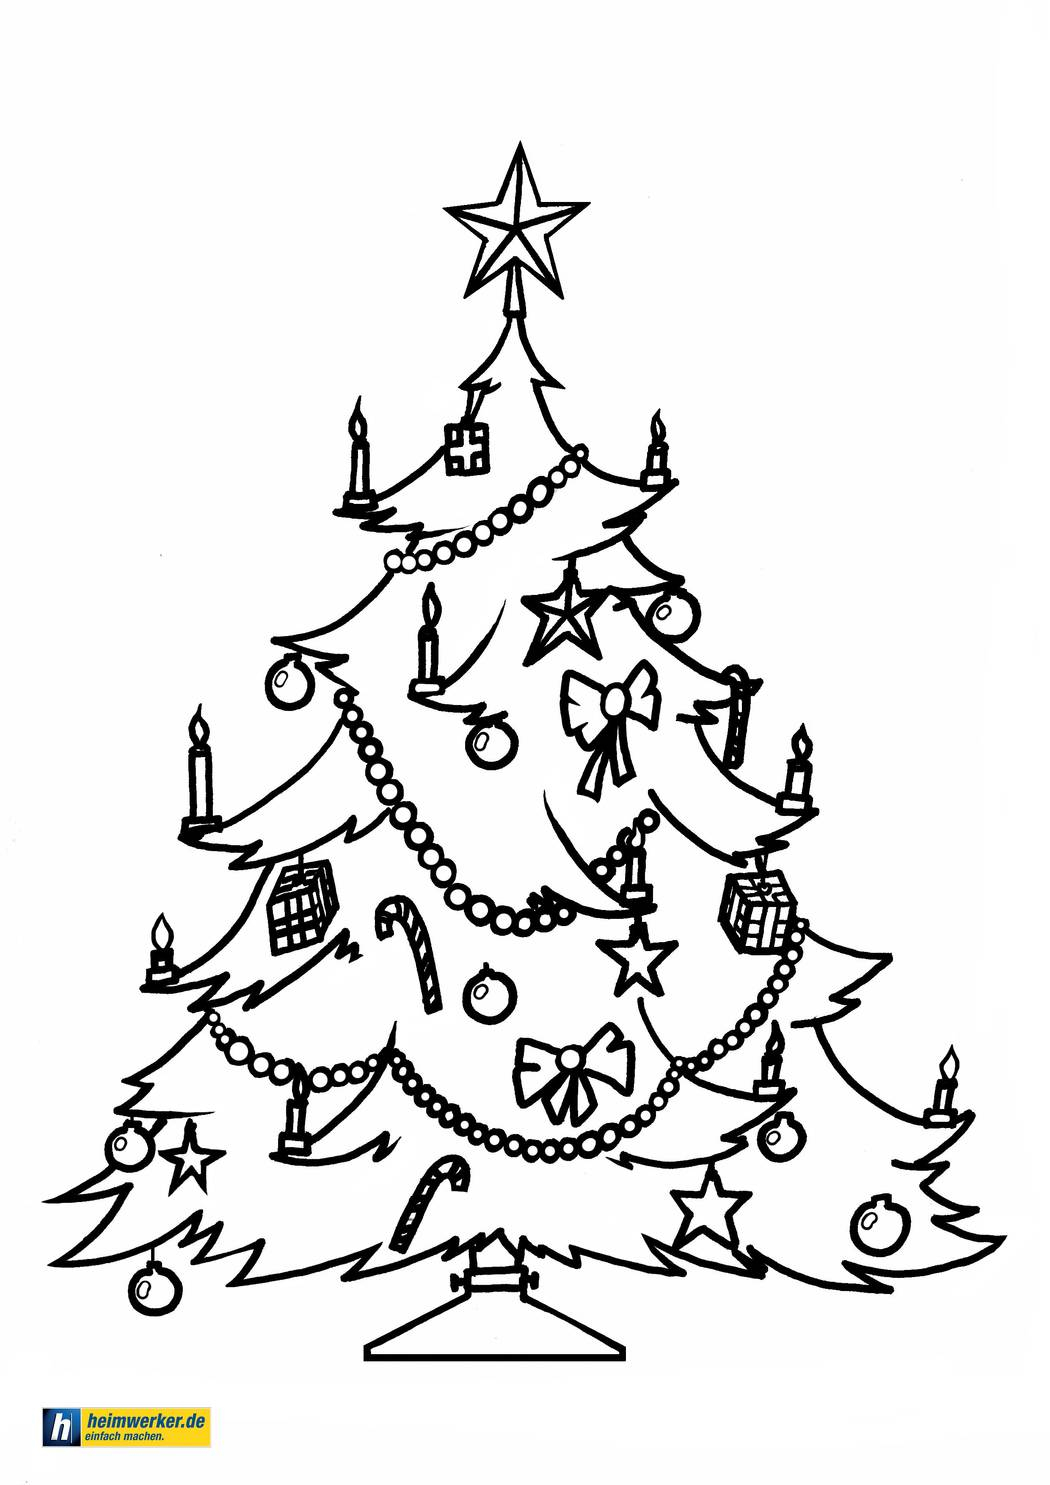 Malvorlagen Zu Weihnachten - Die Schönsten Ausmalbilder Zum ganzes Tannenbaum Zum Ausmalen